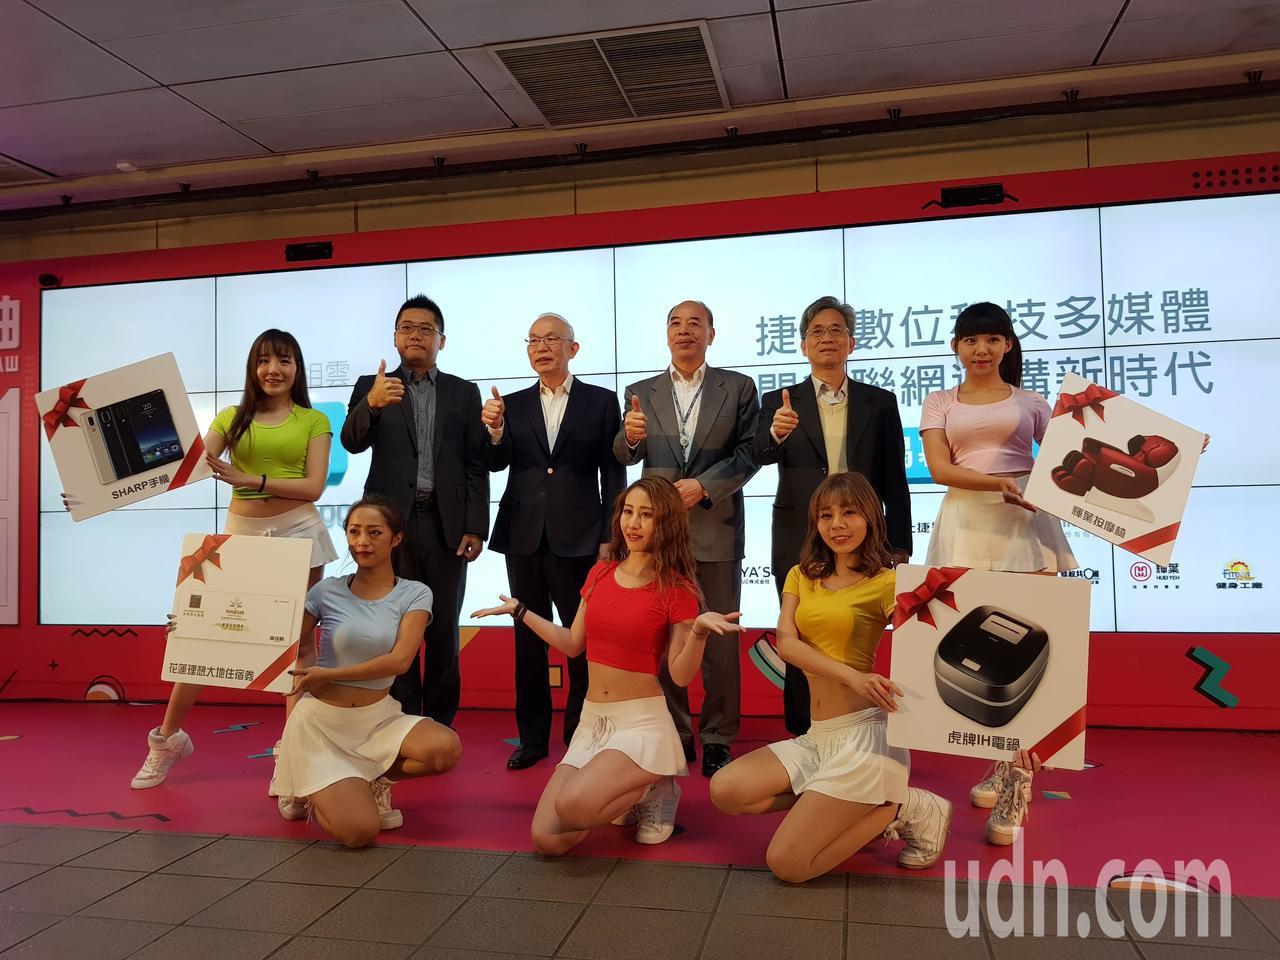 台北捷運公司為了讓捷運業外收益極大化,與廣告商合作,規畫於44站共57處裝設「多...